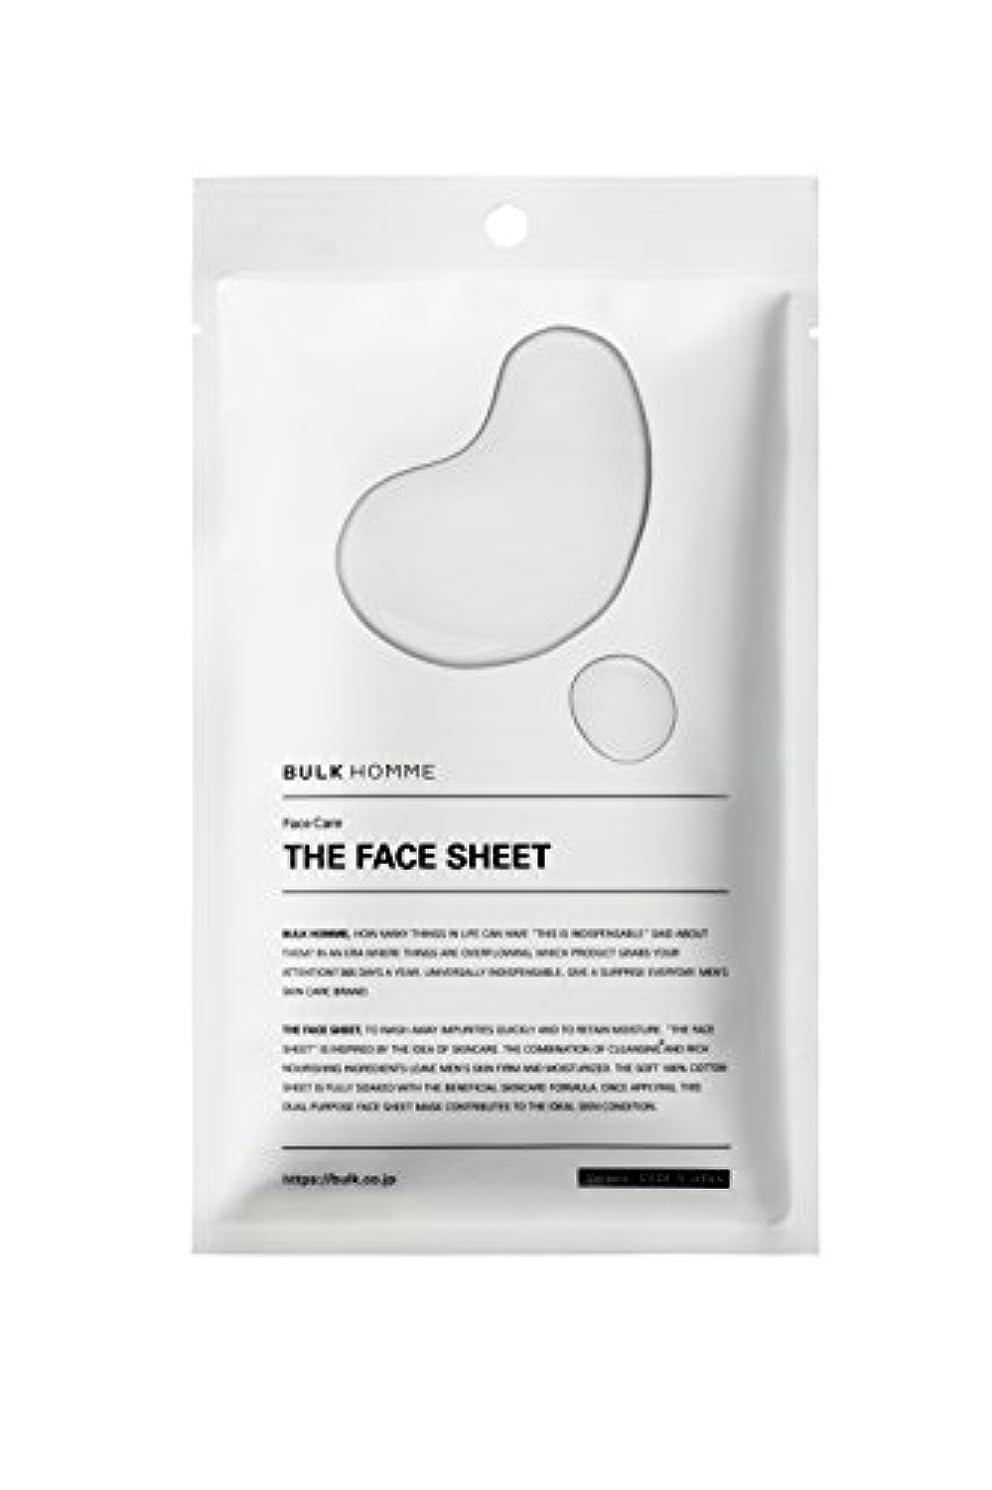 ひも膨らませる反発バルクオム THE FACE SHEET フェイスシート(低刺激 拭き取り化粧水)10枚